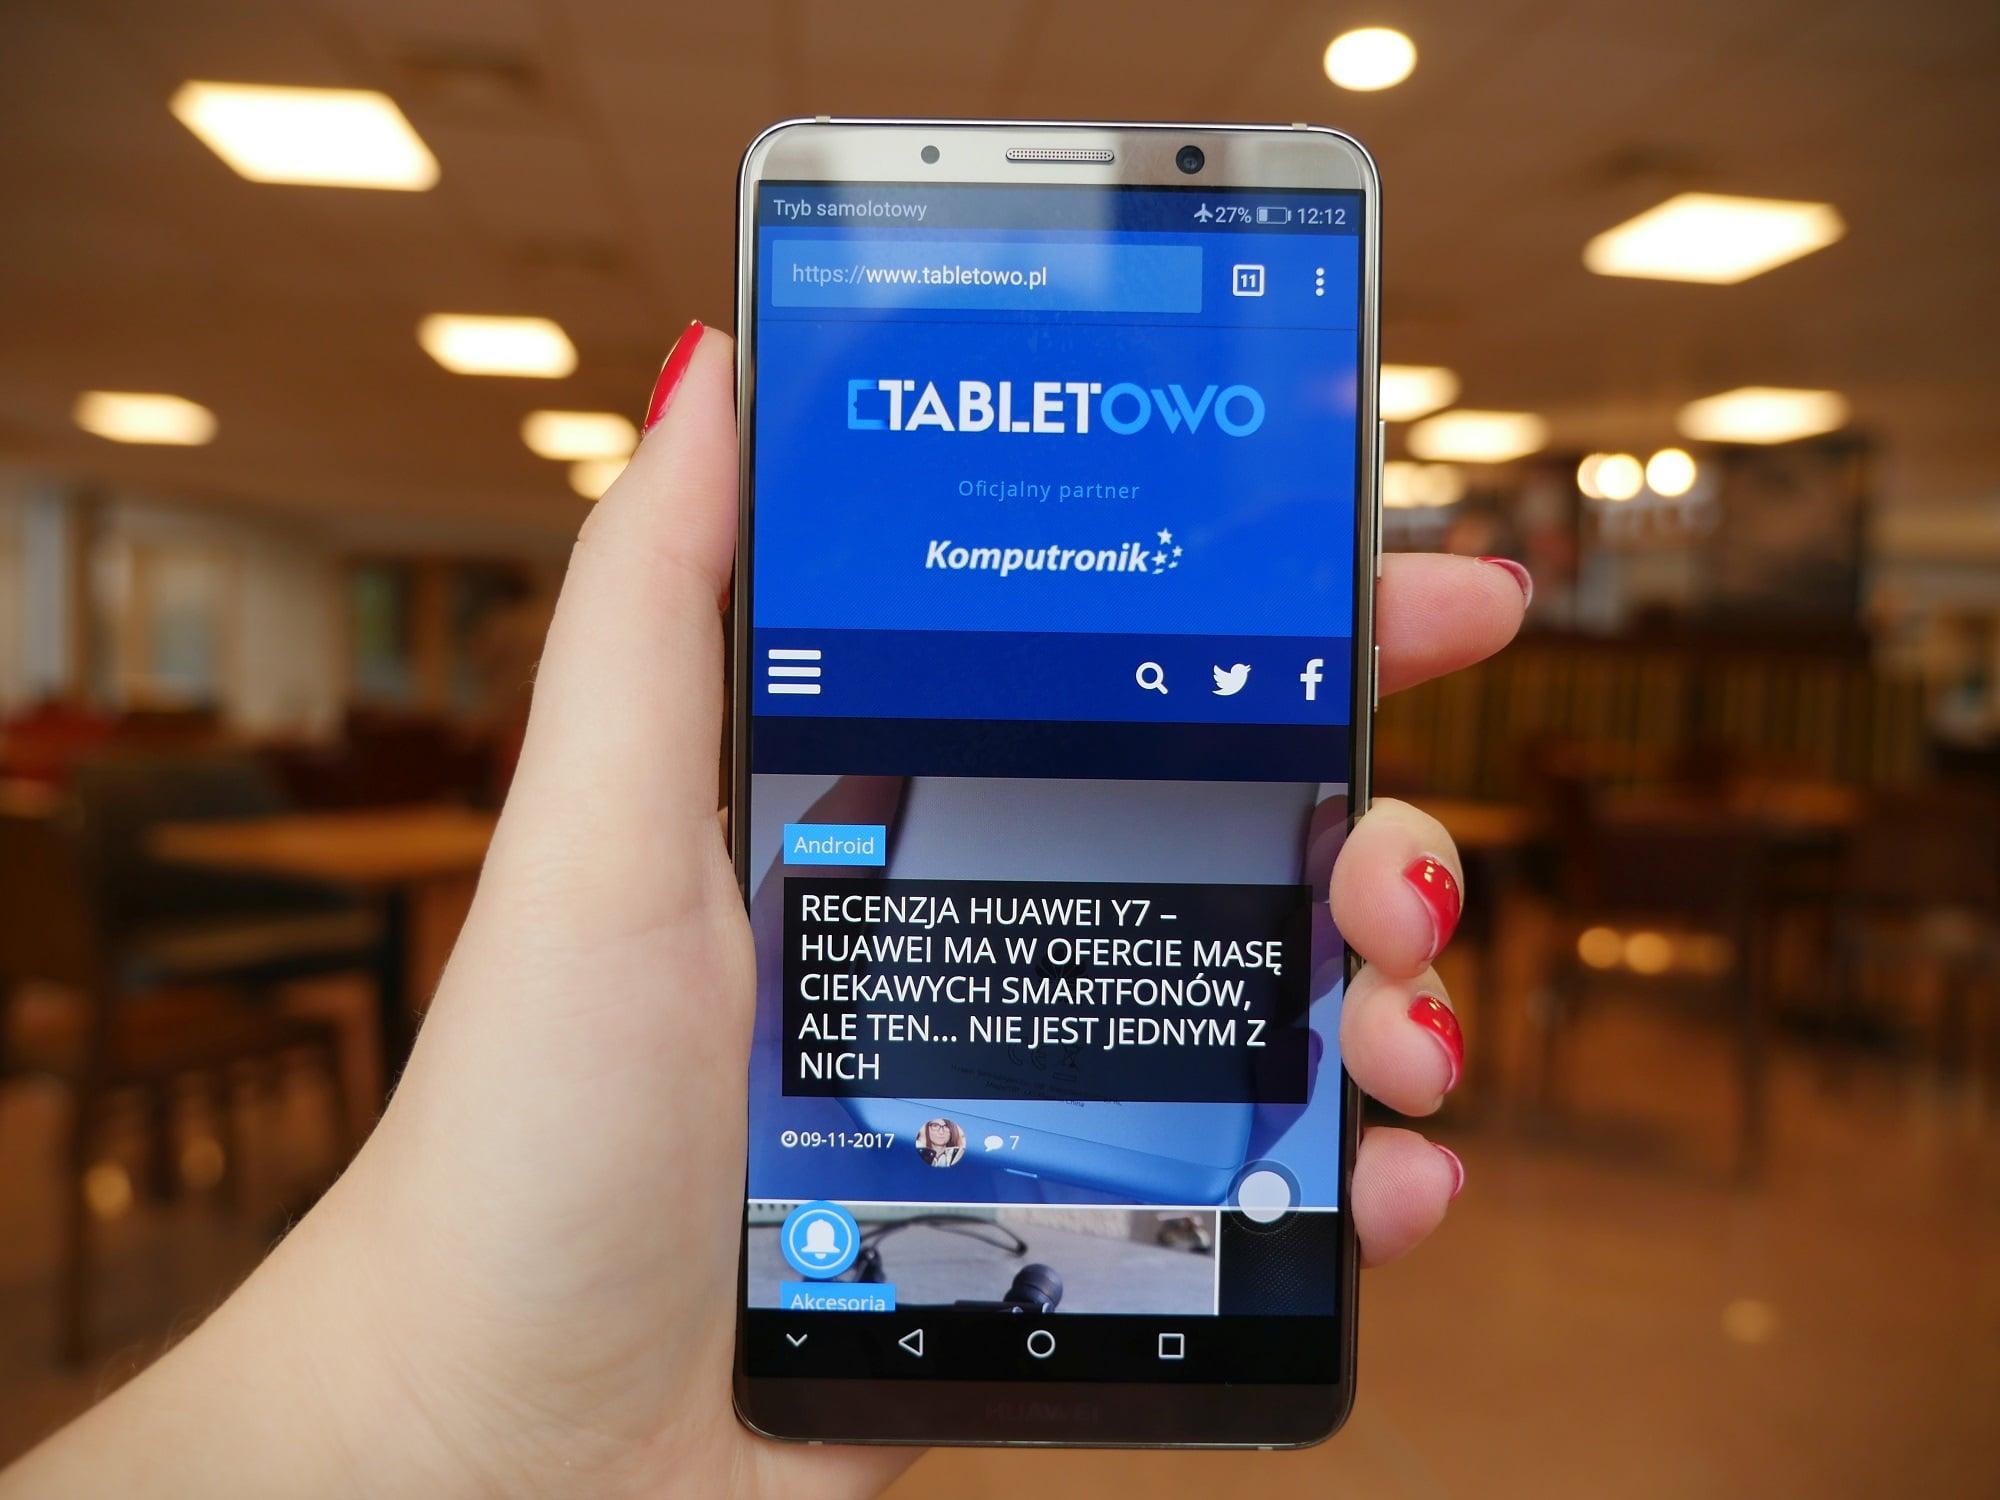 Tabletowo.pl Wracają tablety. Huawei Mate 20 będzie miał wielki ekran AMOLED od Samsunga - 6,9 cala Huawei Plotki / Przecieki Smartfony